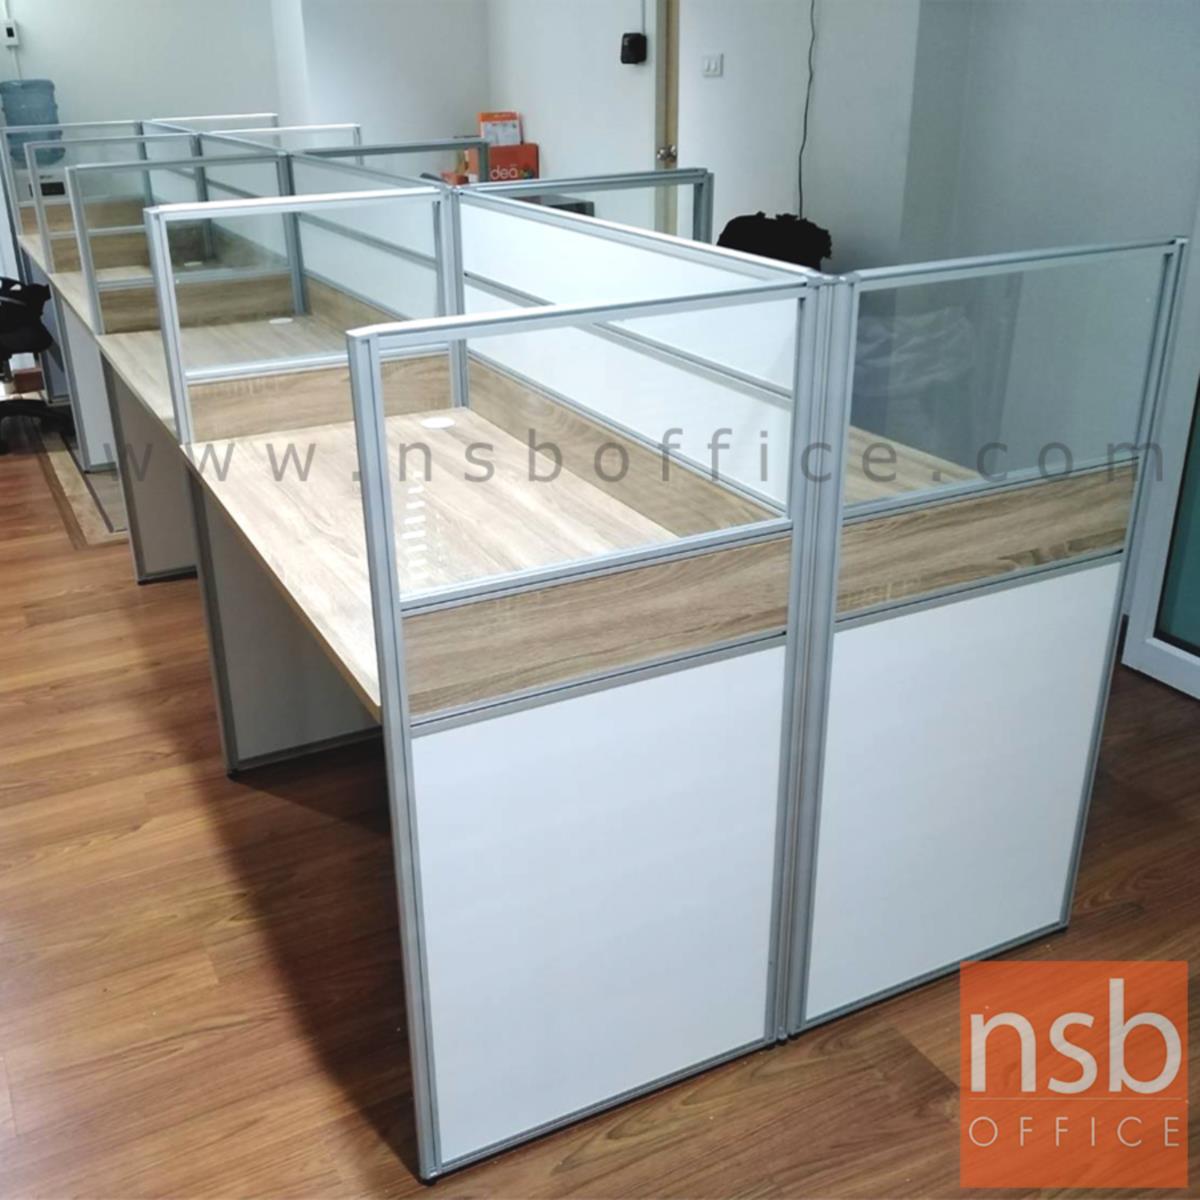 ชุดโต๊ะทำงานกลุ่มหน้าตรง 8 ที่นั่ง รุ่น Barcadi 6 (บาร์คาดี้ 6) ขนาดรวม 490W ,610W cm. มีและไม่มีตู้แขวนเอกสาร